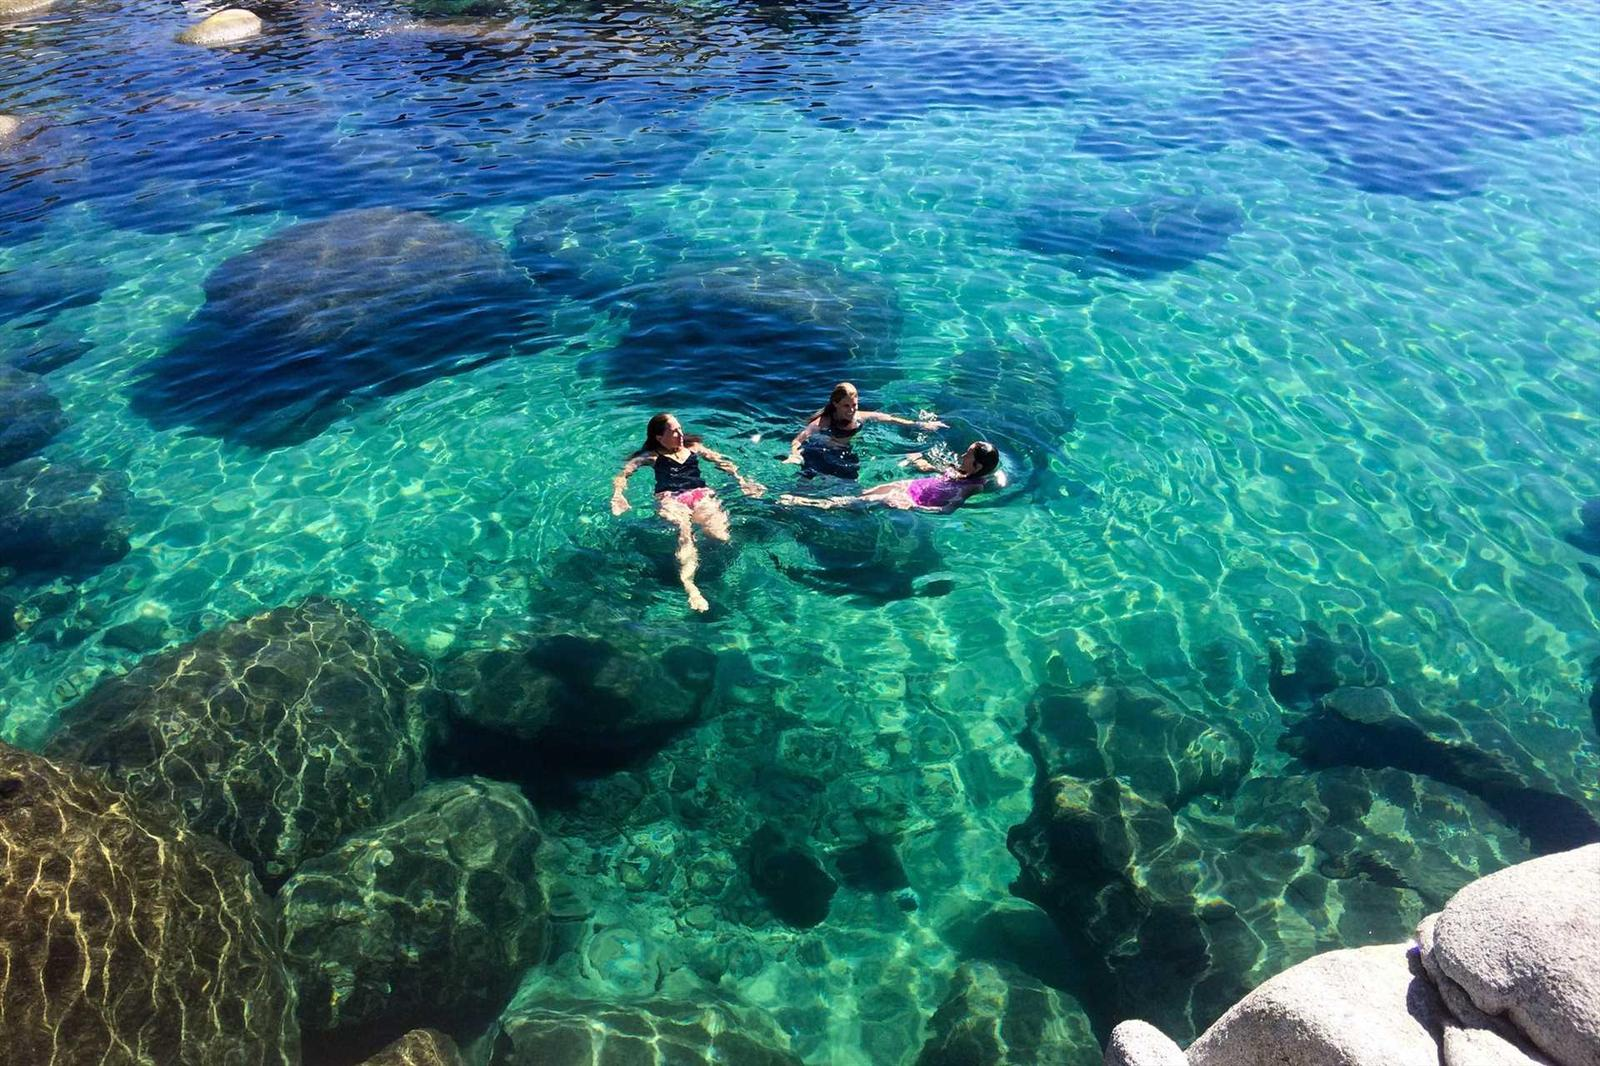 Playing at Lake Tahoe